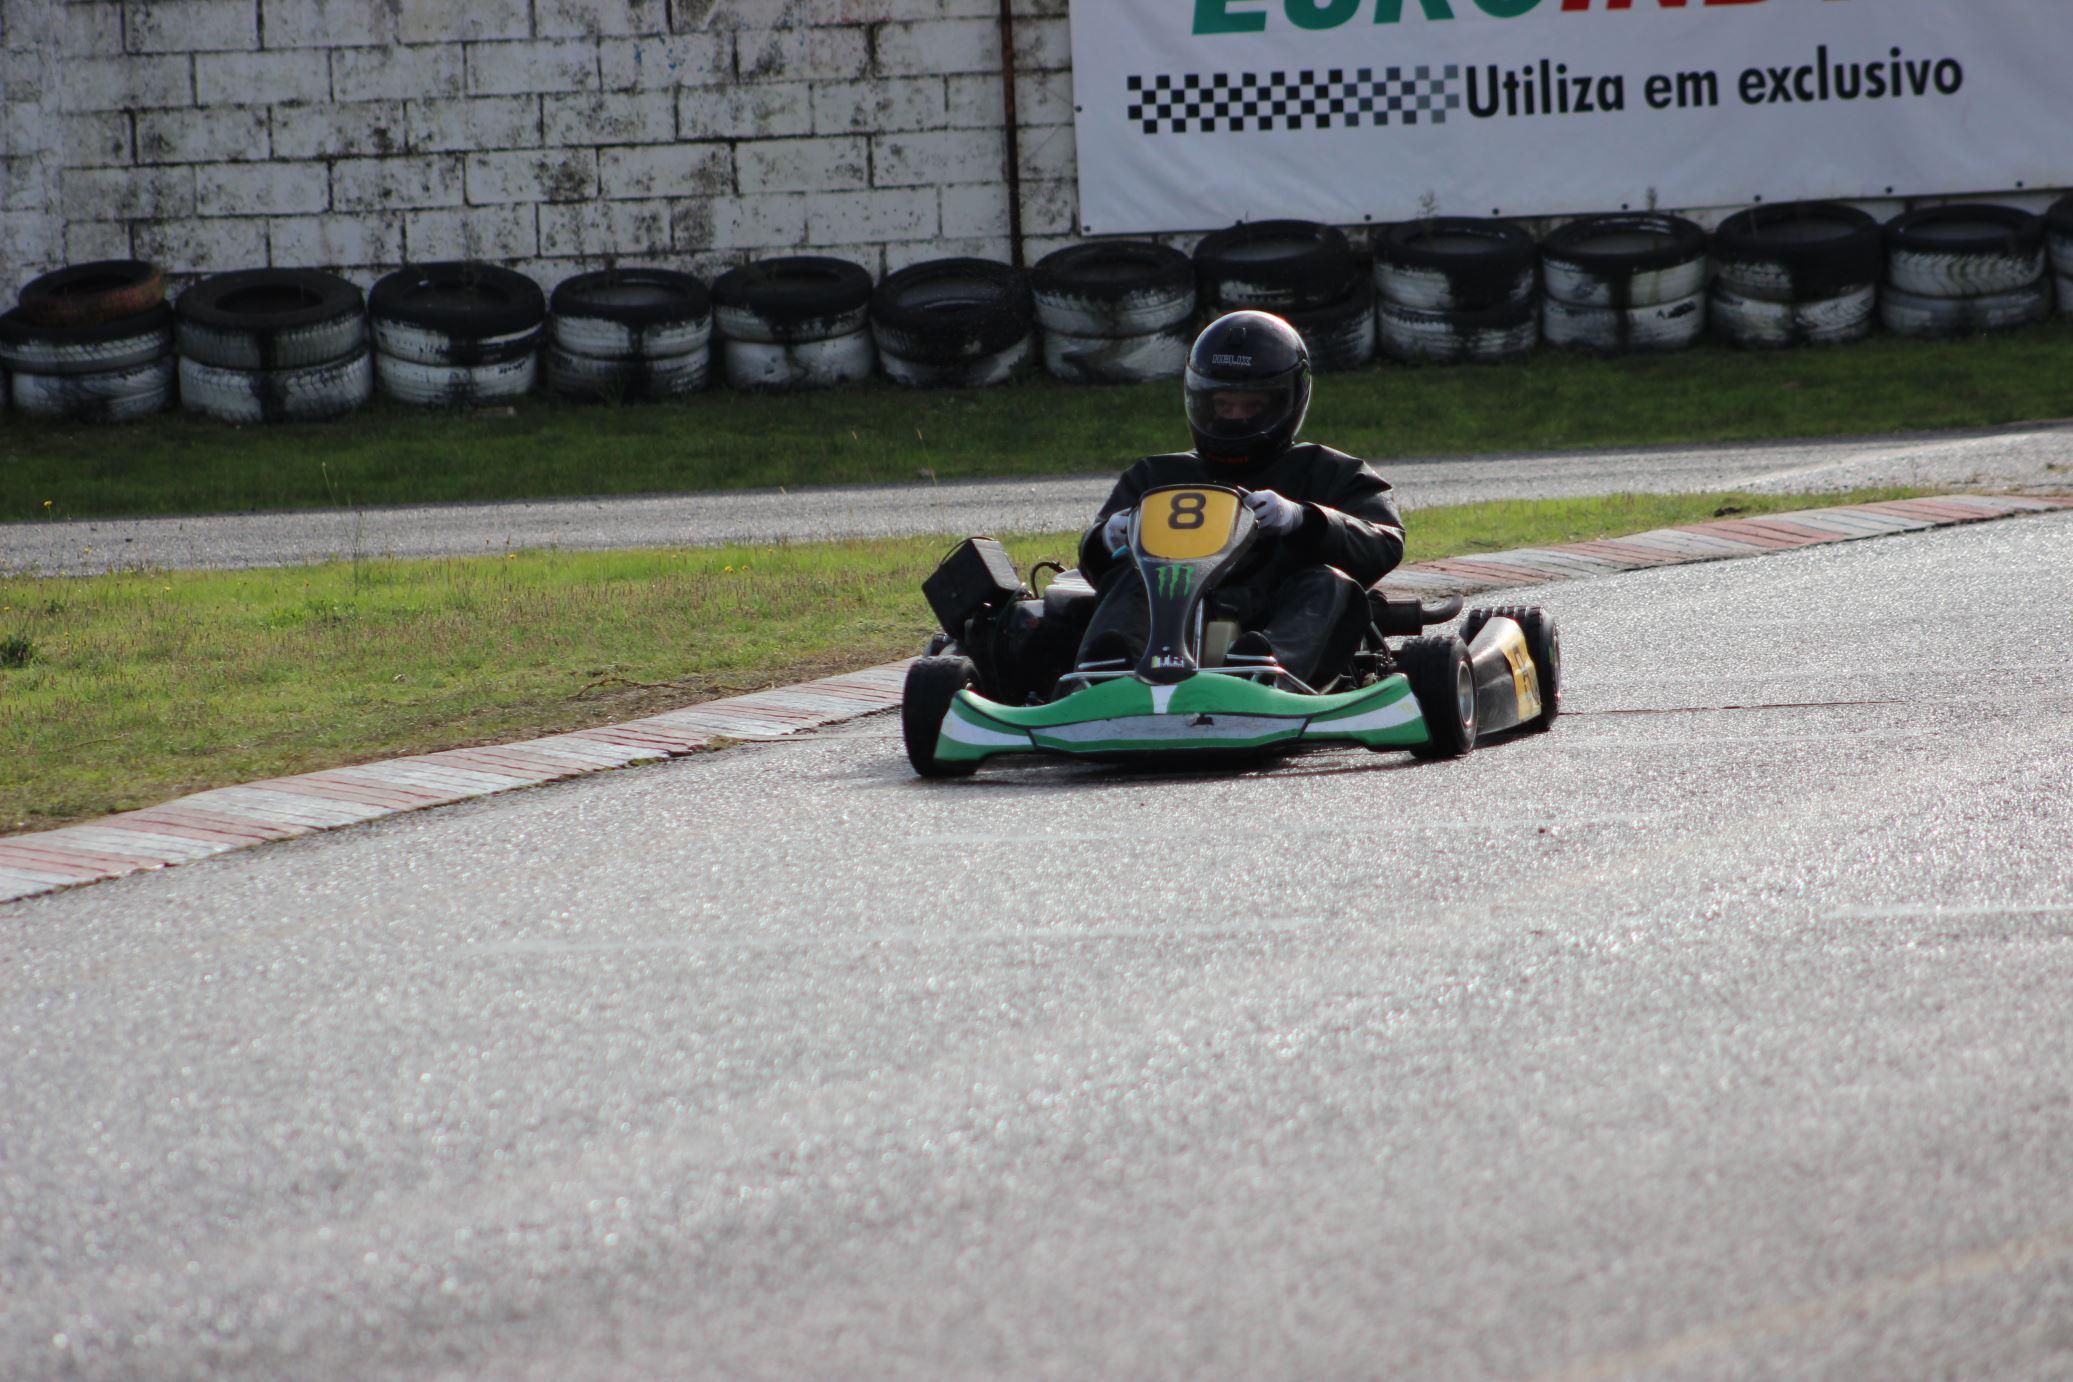 Troféu Honda 2014 - 5ª Prova169